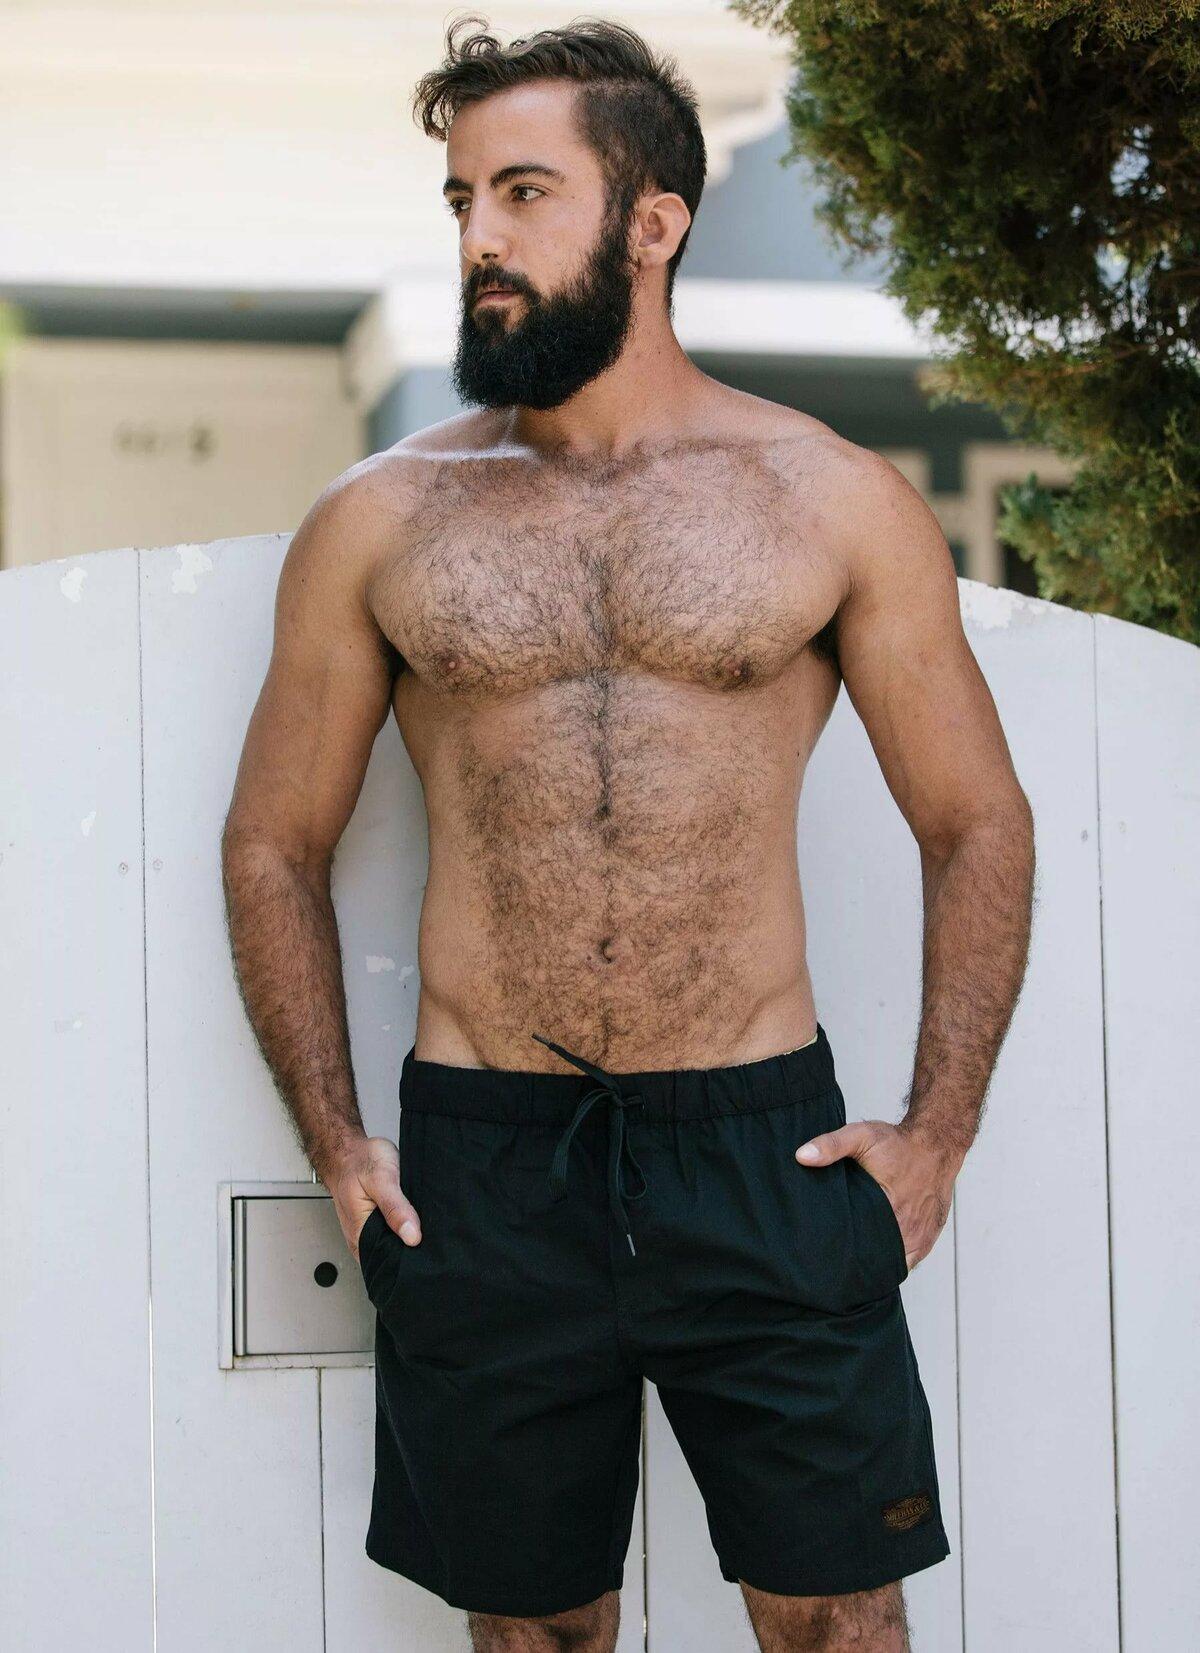 Vap hairy